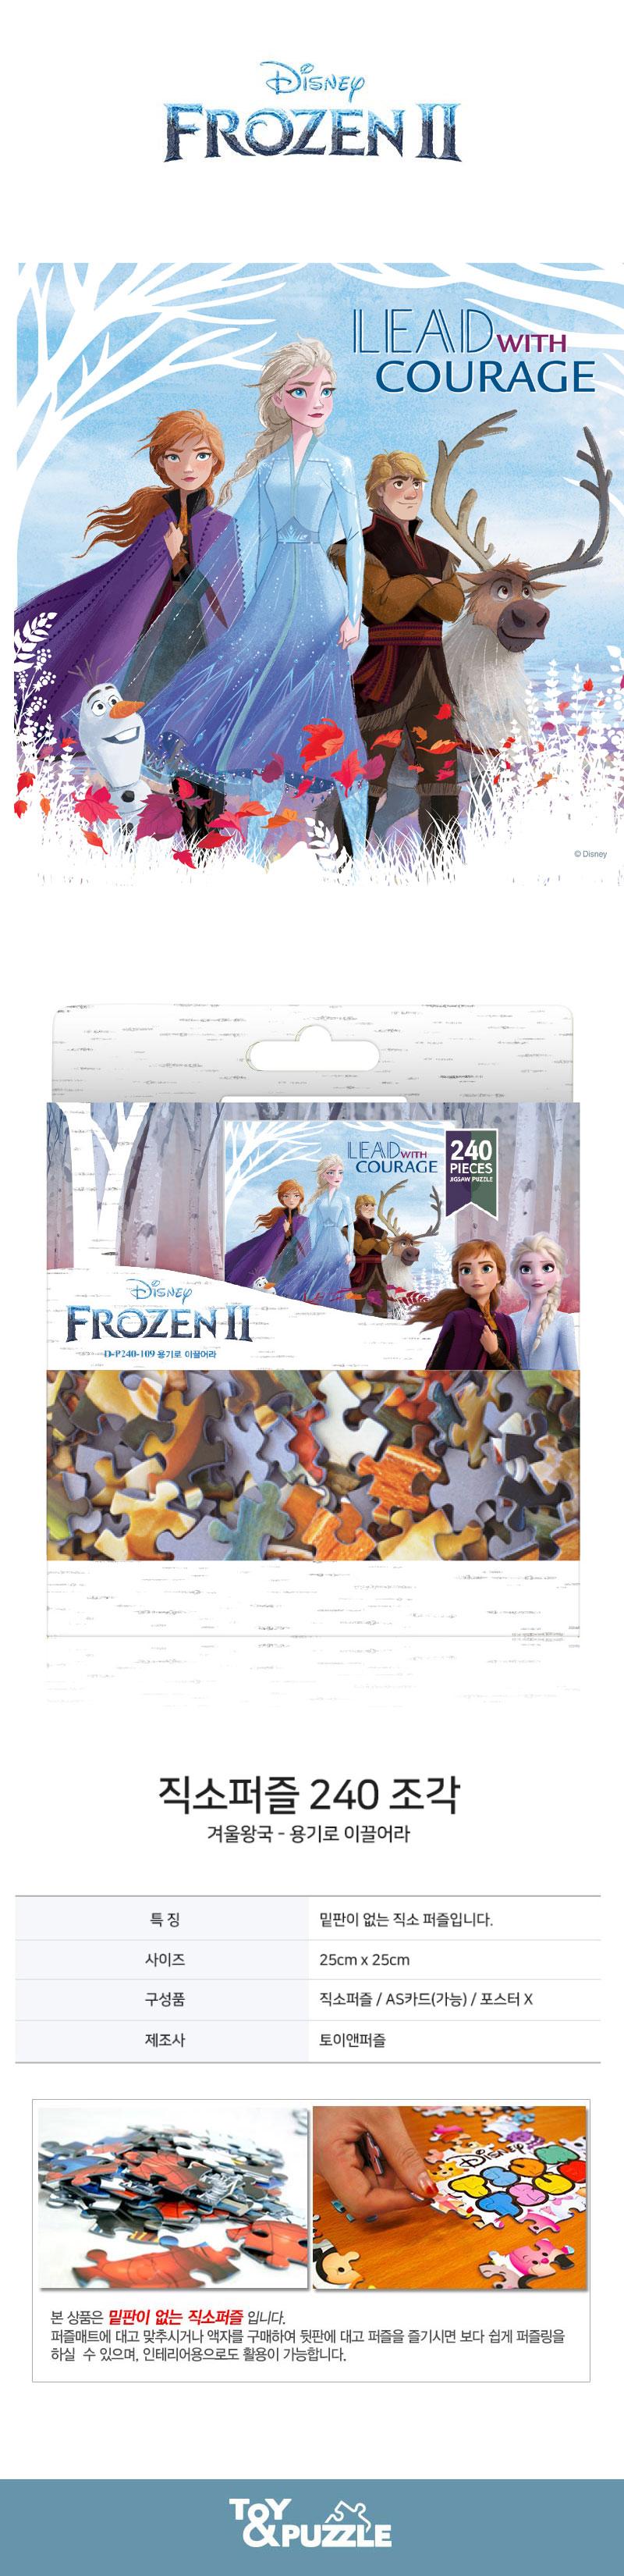 겨울왕국2 용기로 이끌어라 디즈니 240피스 직소퍼즐 - 보드게임 친구들, 5,600원, 조각/퍼즐, 캐릭터 직소퍼즐